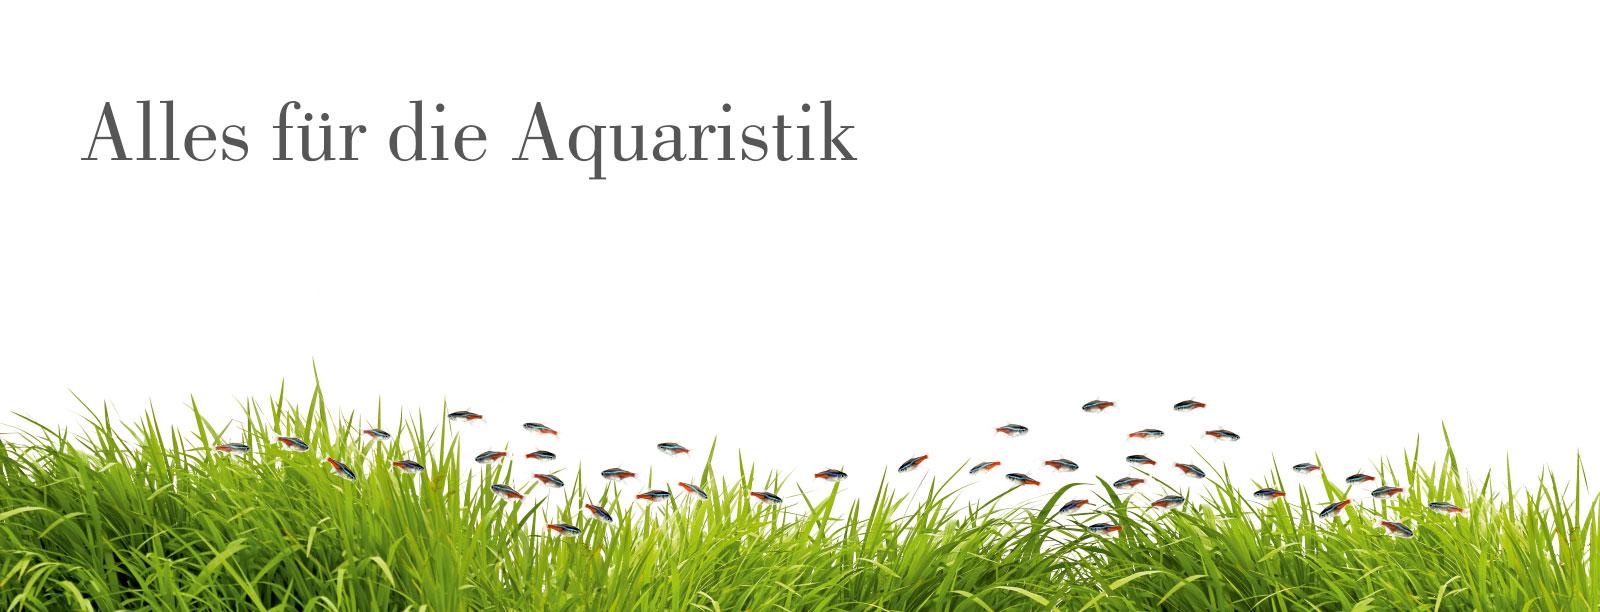 Schwedt Fauna - Alles für die Aquaristik